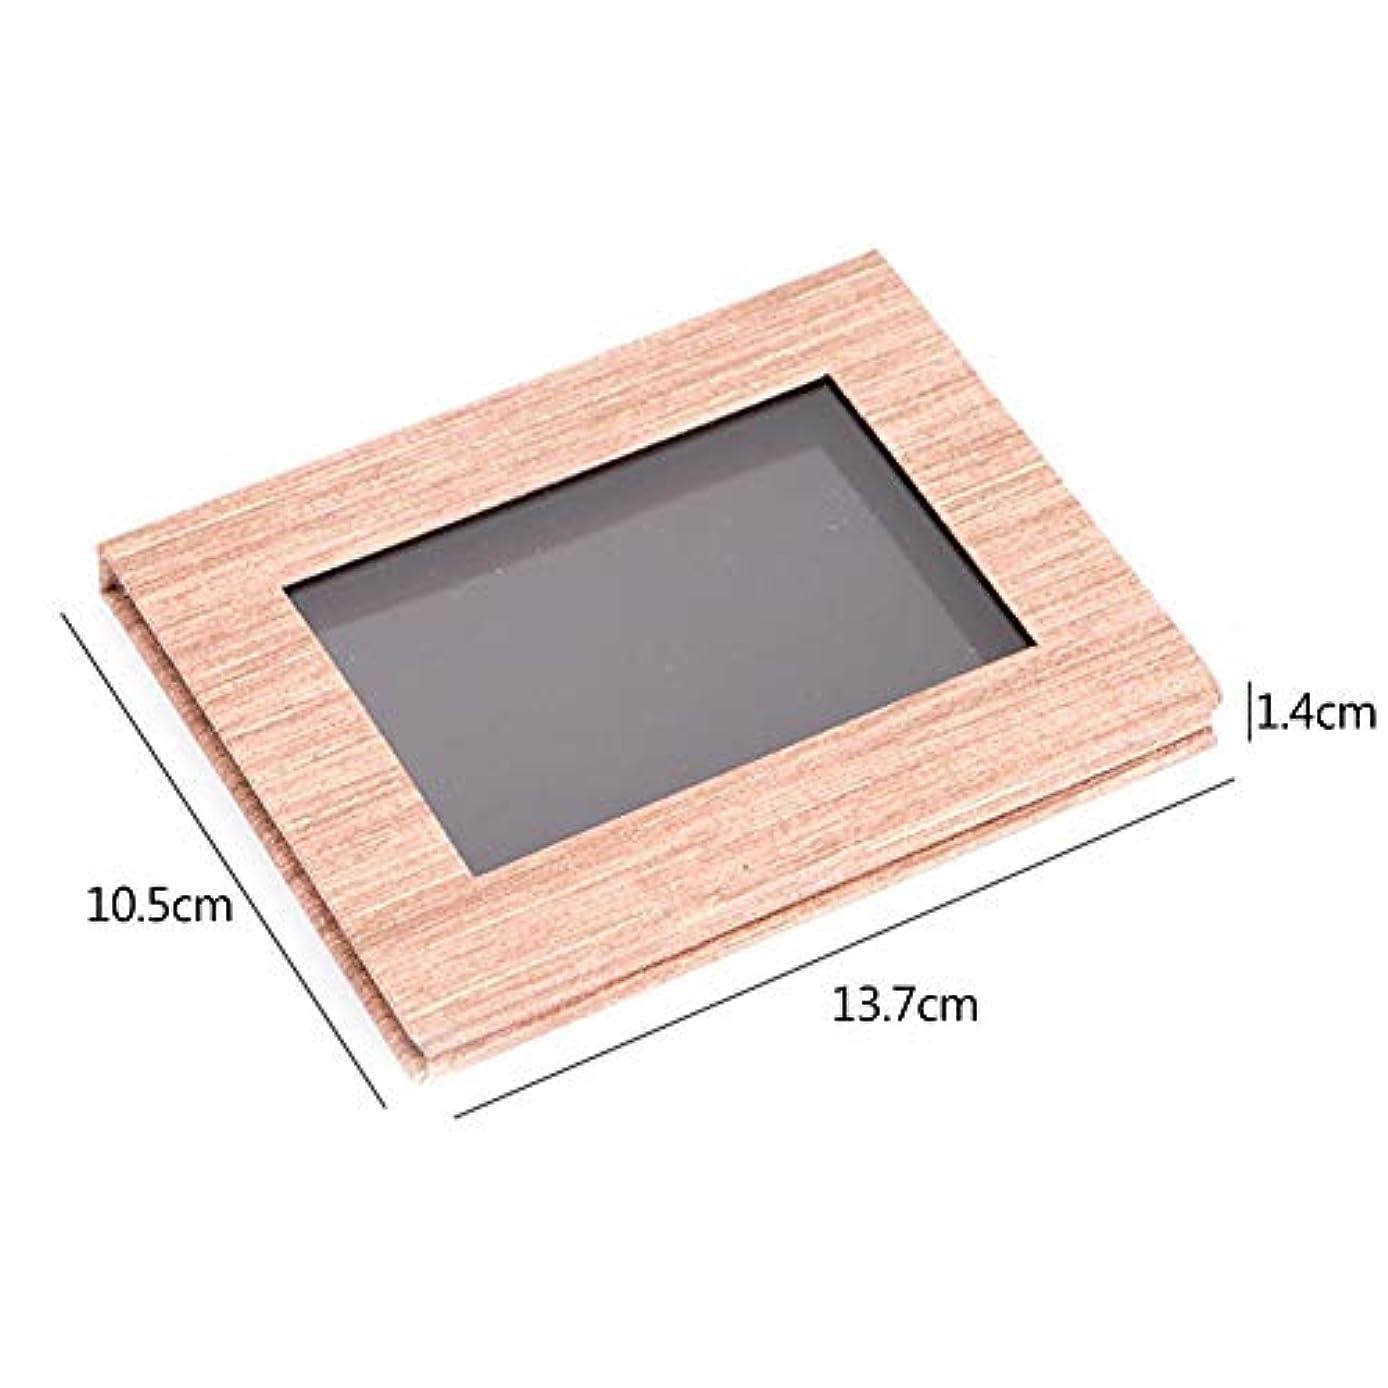 SILUN アイシャドウ 口紅 木の穀物 磁気パレットDIY 取り替え可能 構造パレットメイクアップ 便携 収納 組み合わせボックス パレットボック化粧品ケース アイシャドウ パウダー 整理 保管 旅行 便利